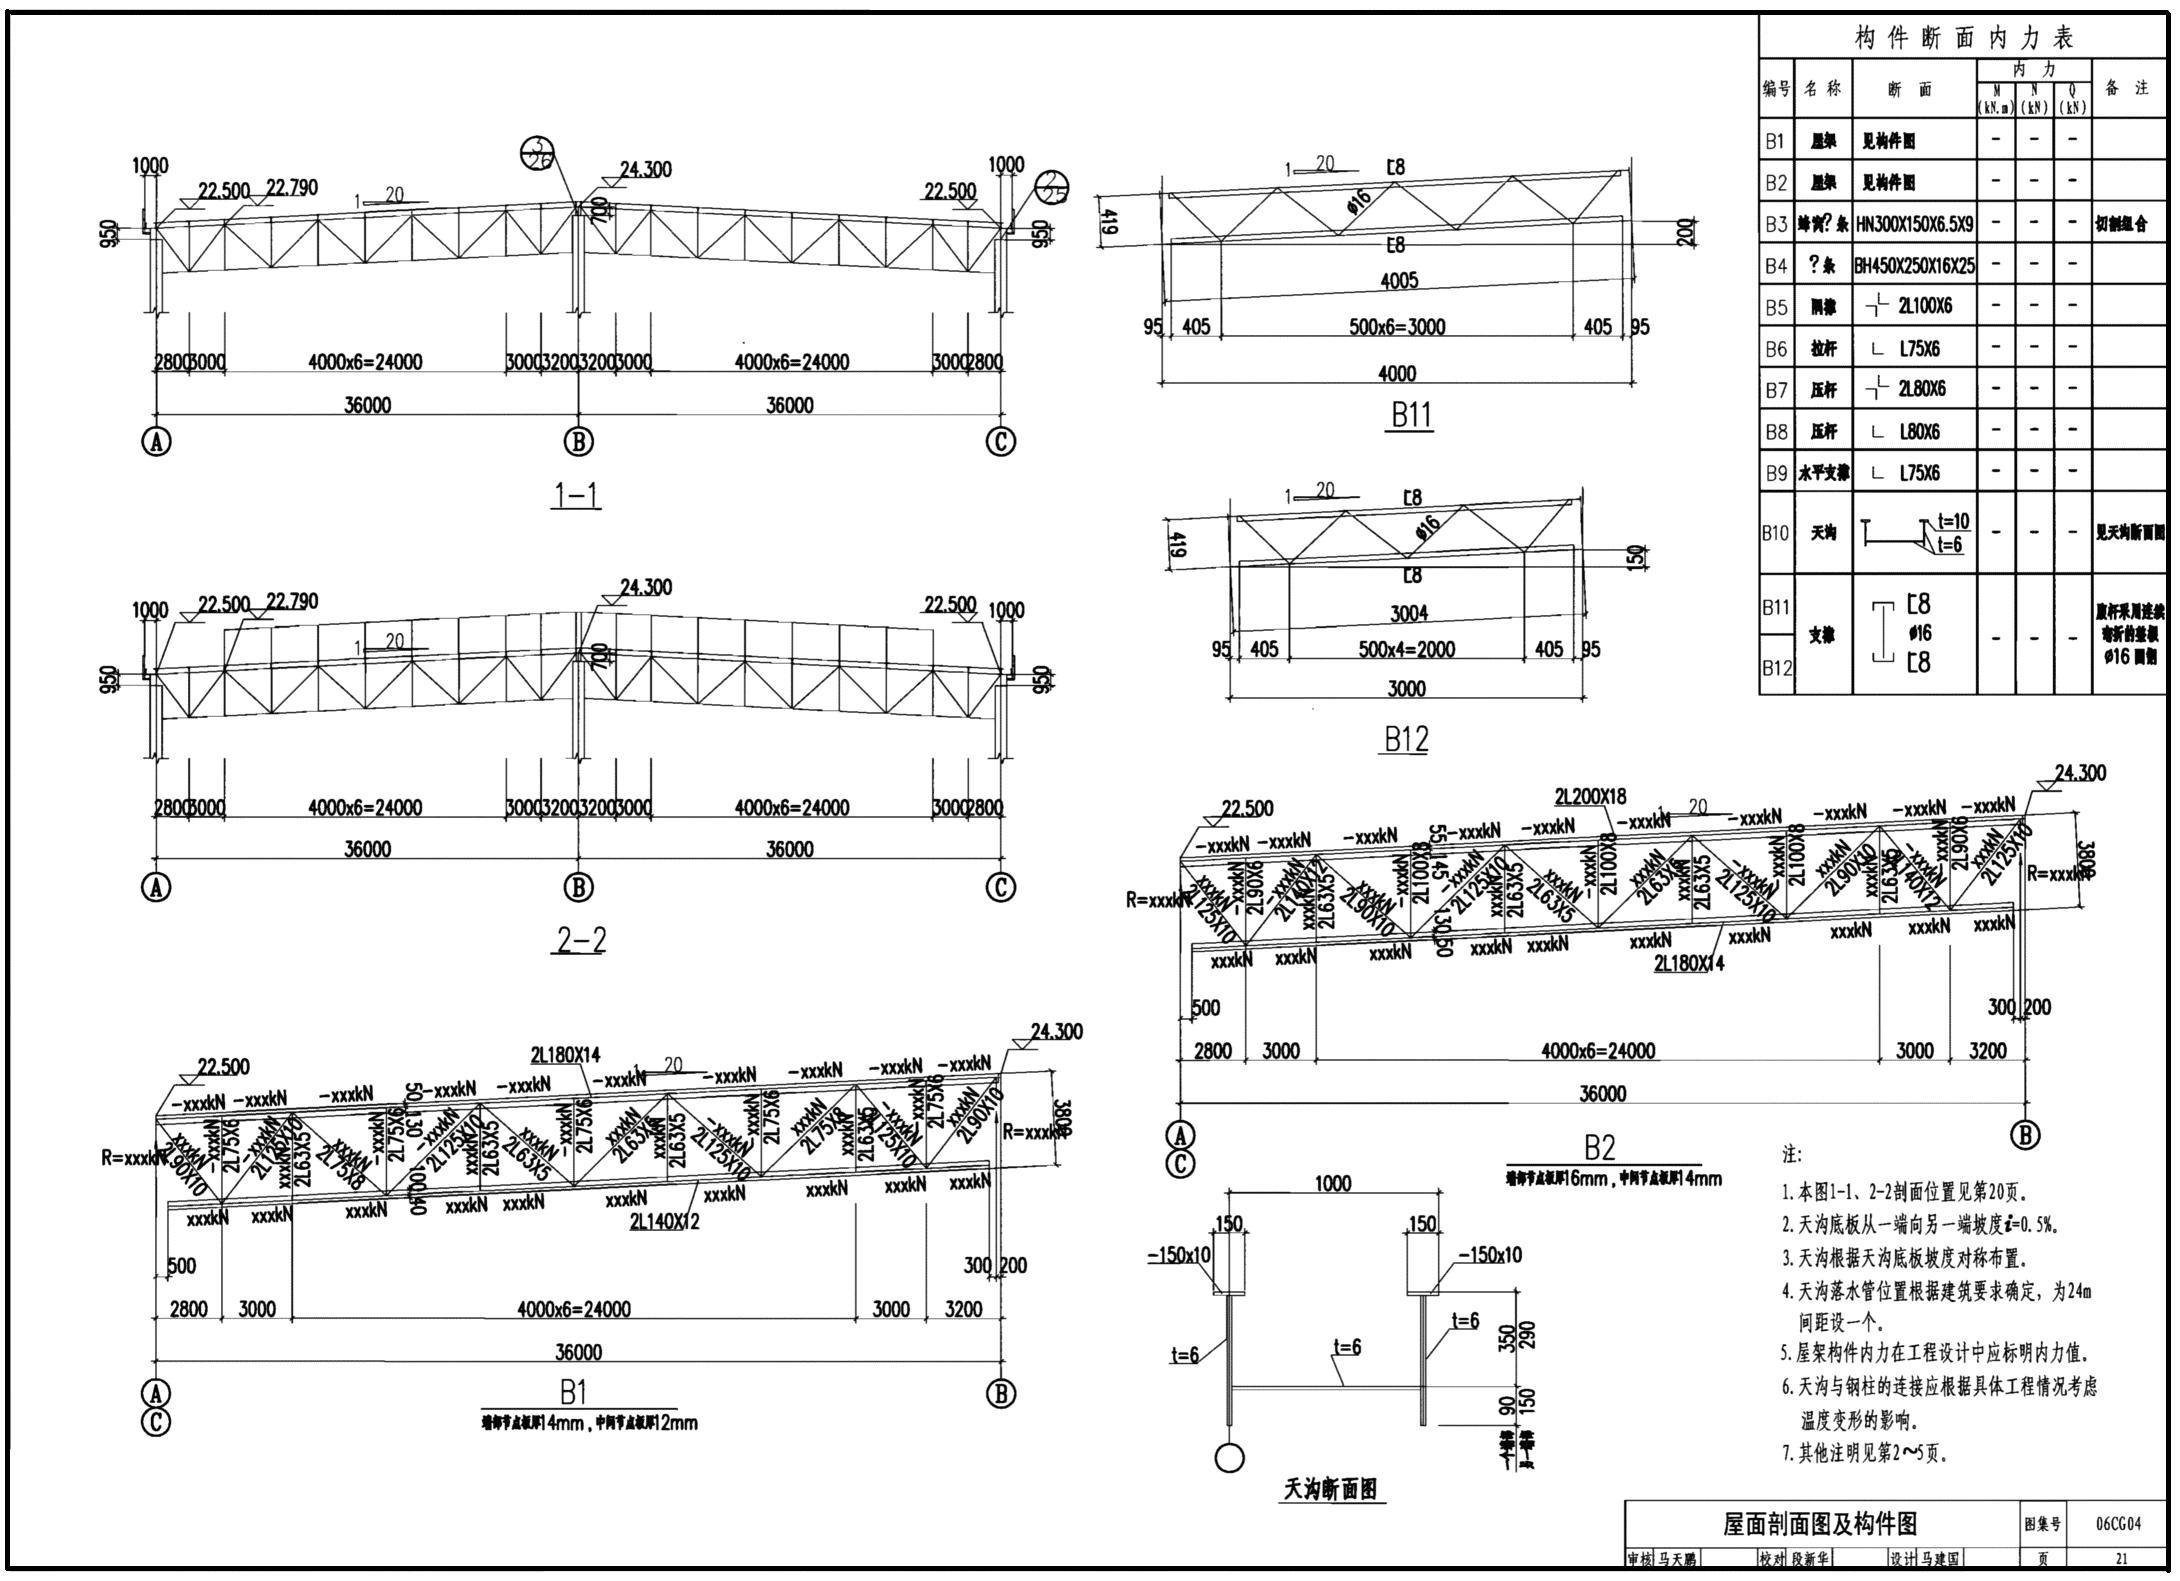 06CG04:钢结构参考校园-单层工业厂房(设计图定向越野图纸示例百米图片